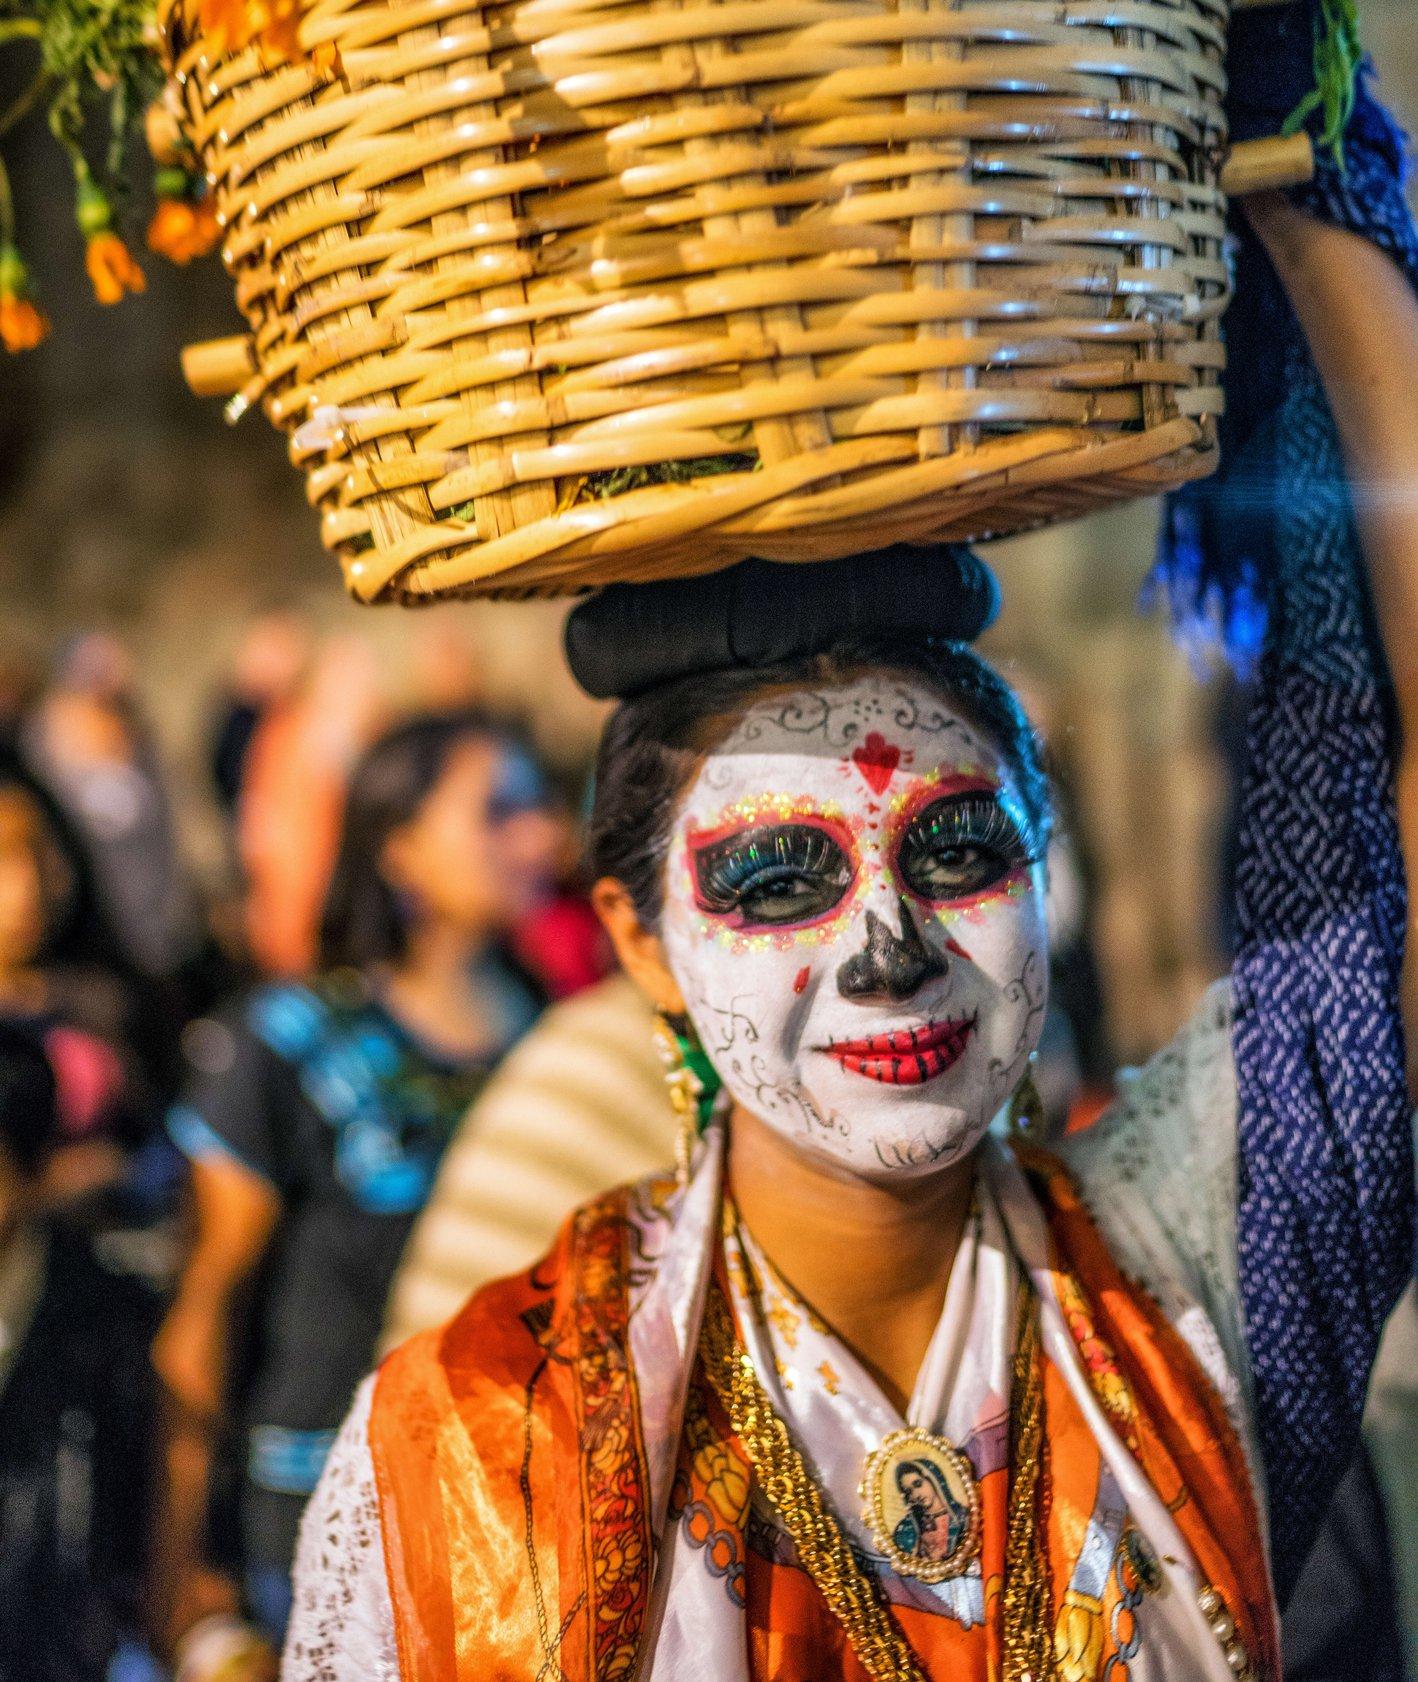 Parada z okazji Święta Zmarłych w Meksyku (fot. Beau Rogers / flickr.com)